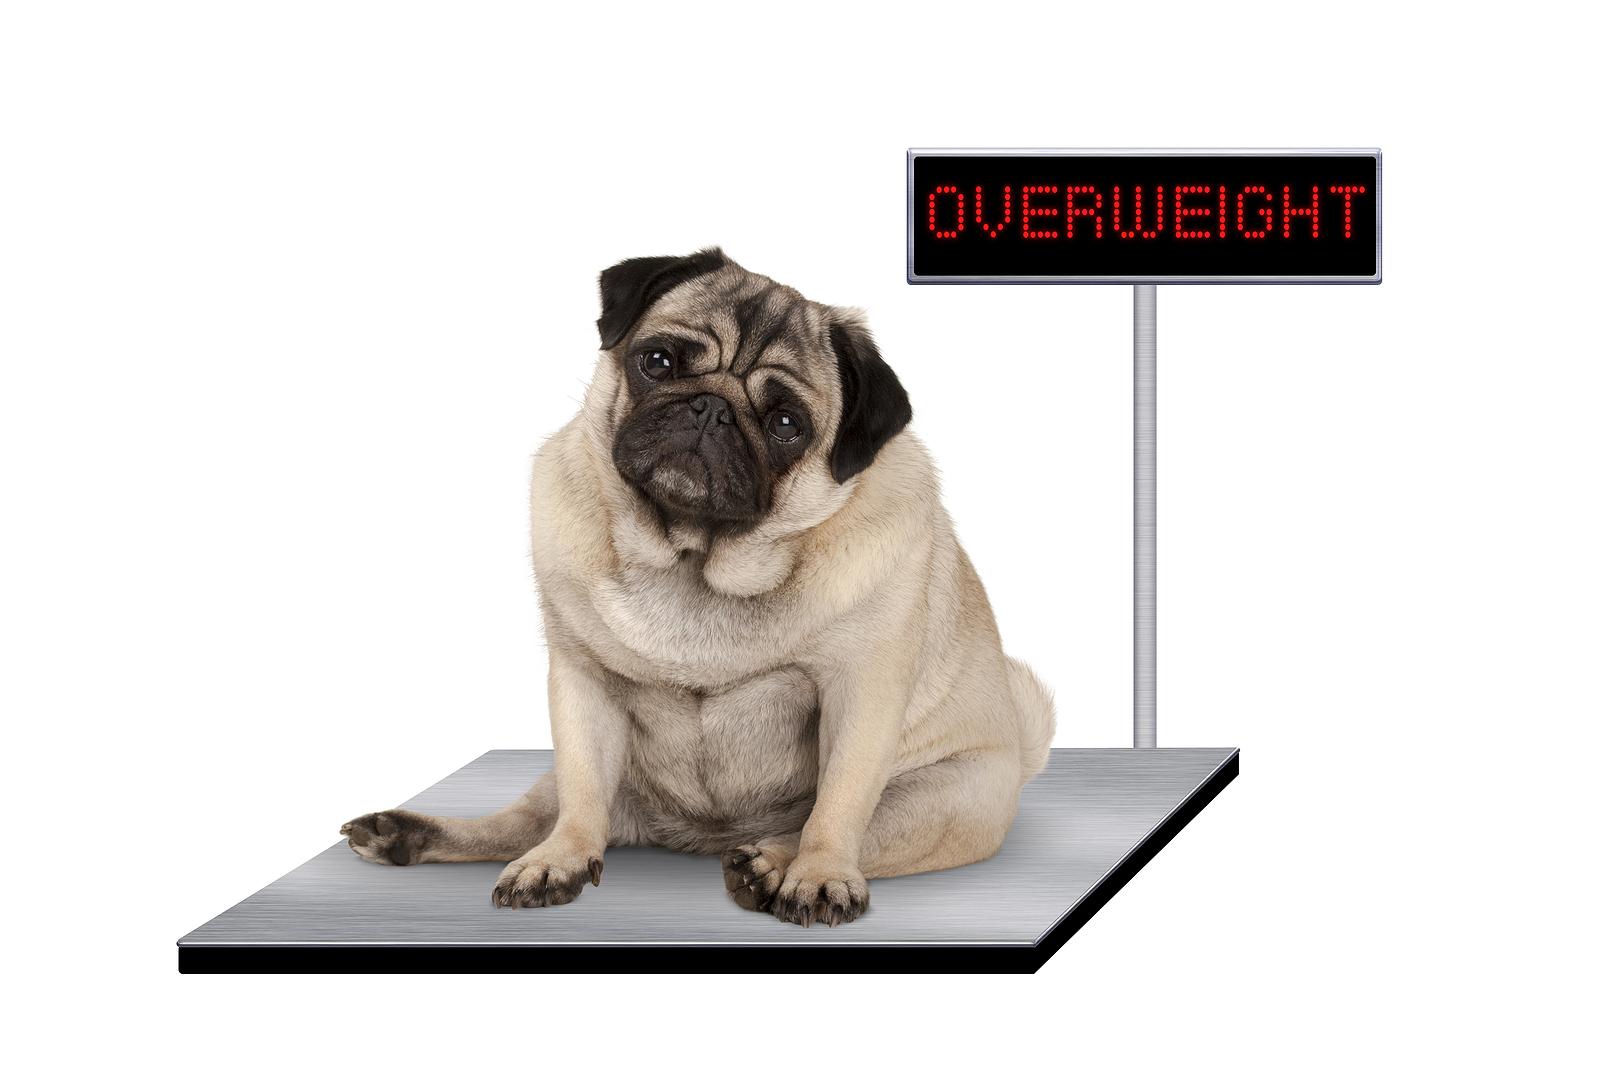 Mitől lesz túlsúlyos a kutyám, és mit tehetek ellene?